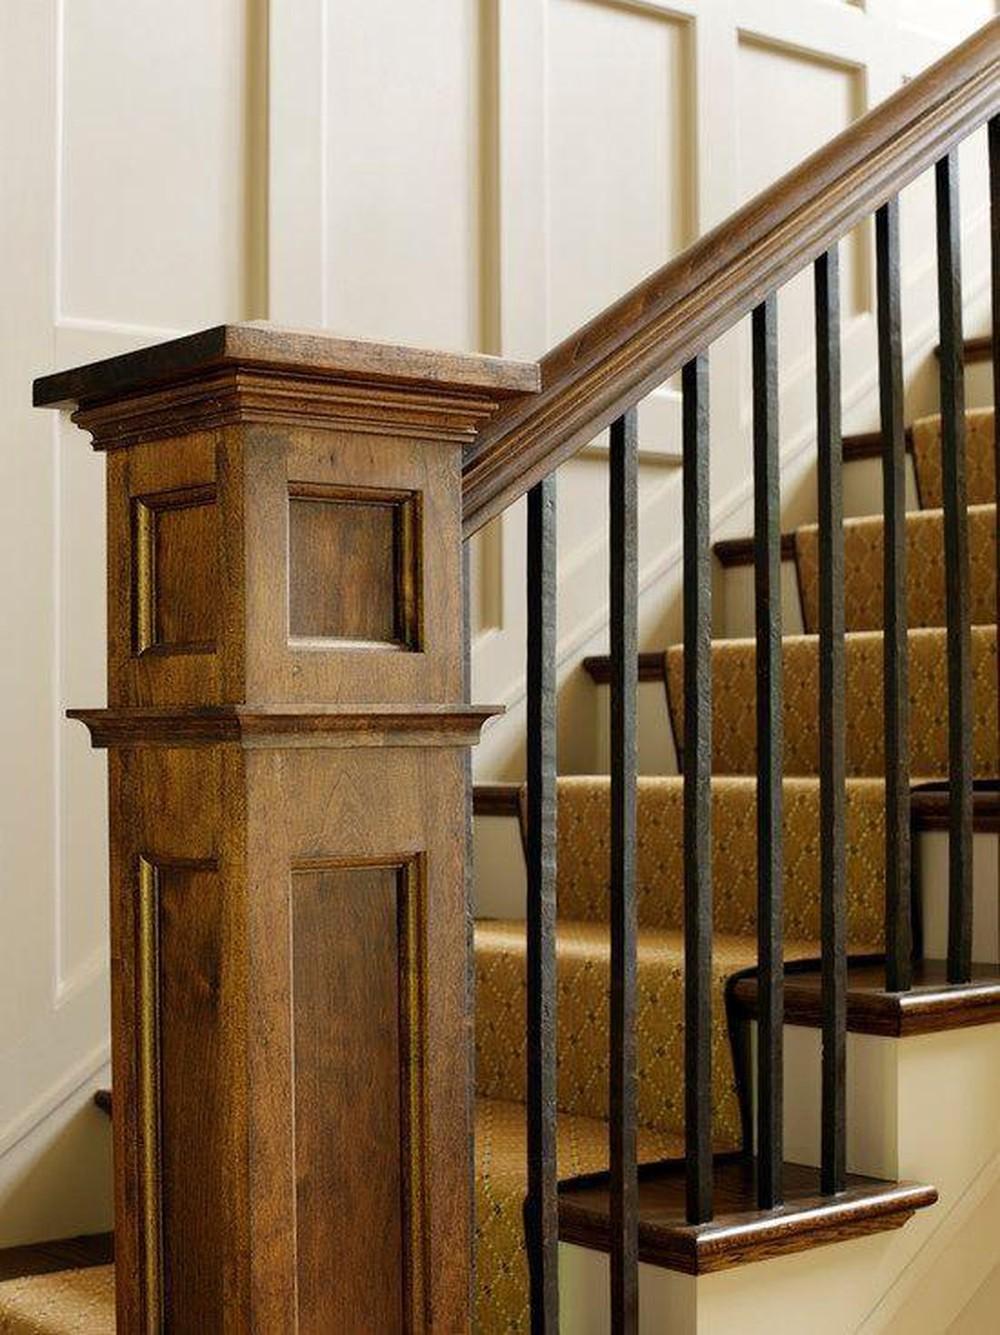 cầu thang gỗ có trụ vuông